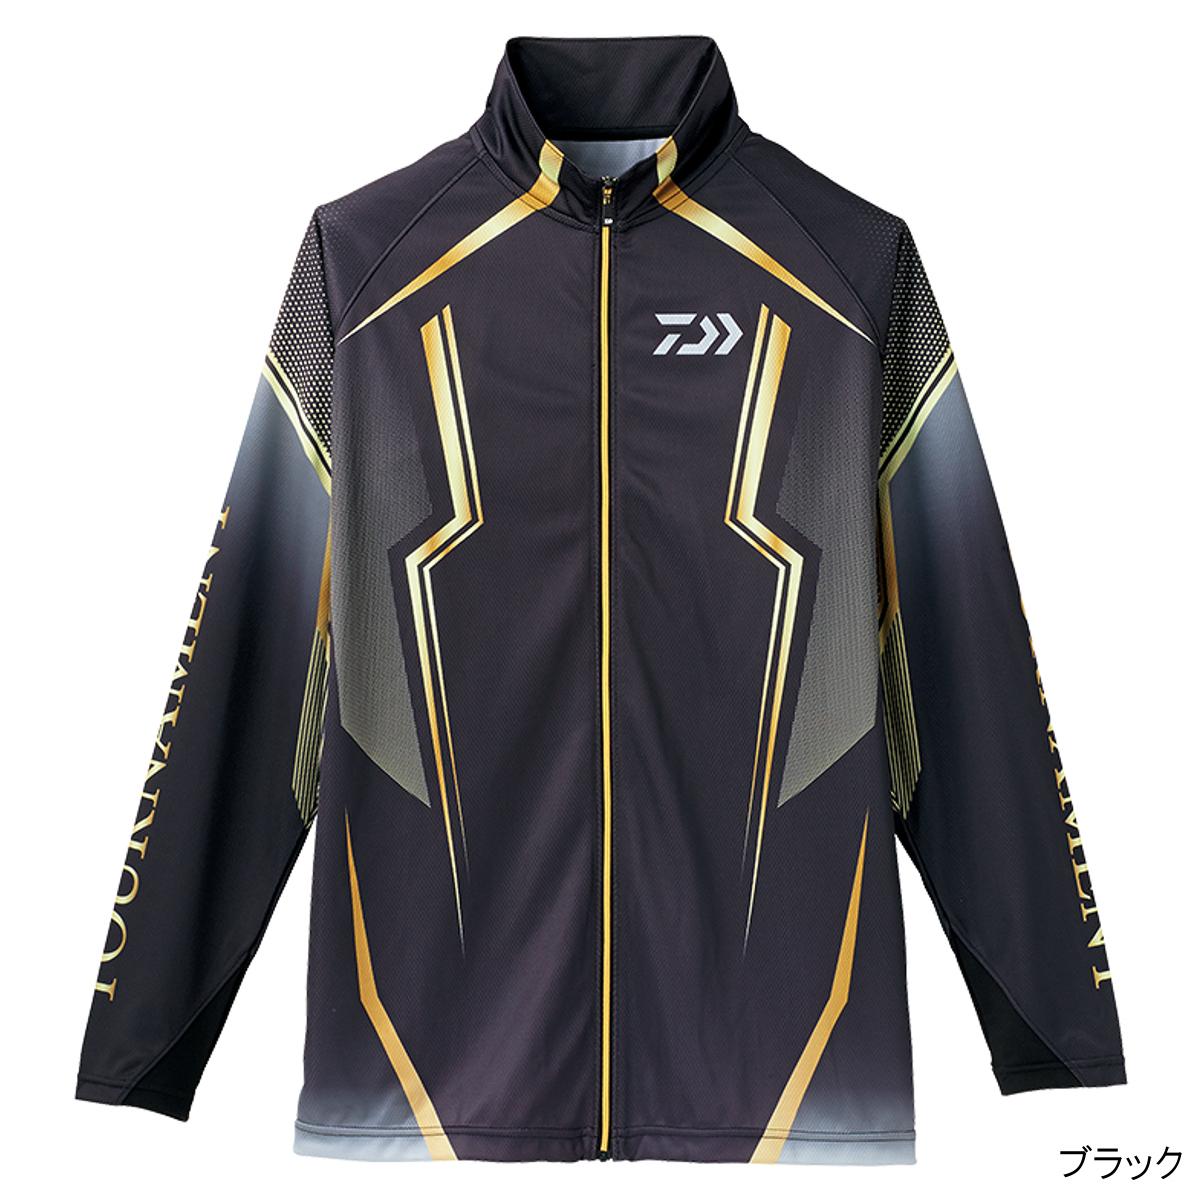 ダイワ トーナメント ドライフルジップ メッシュシャツ DE-73008 XL ブラック(東日本店)